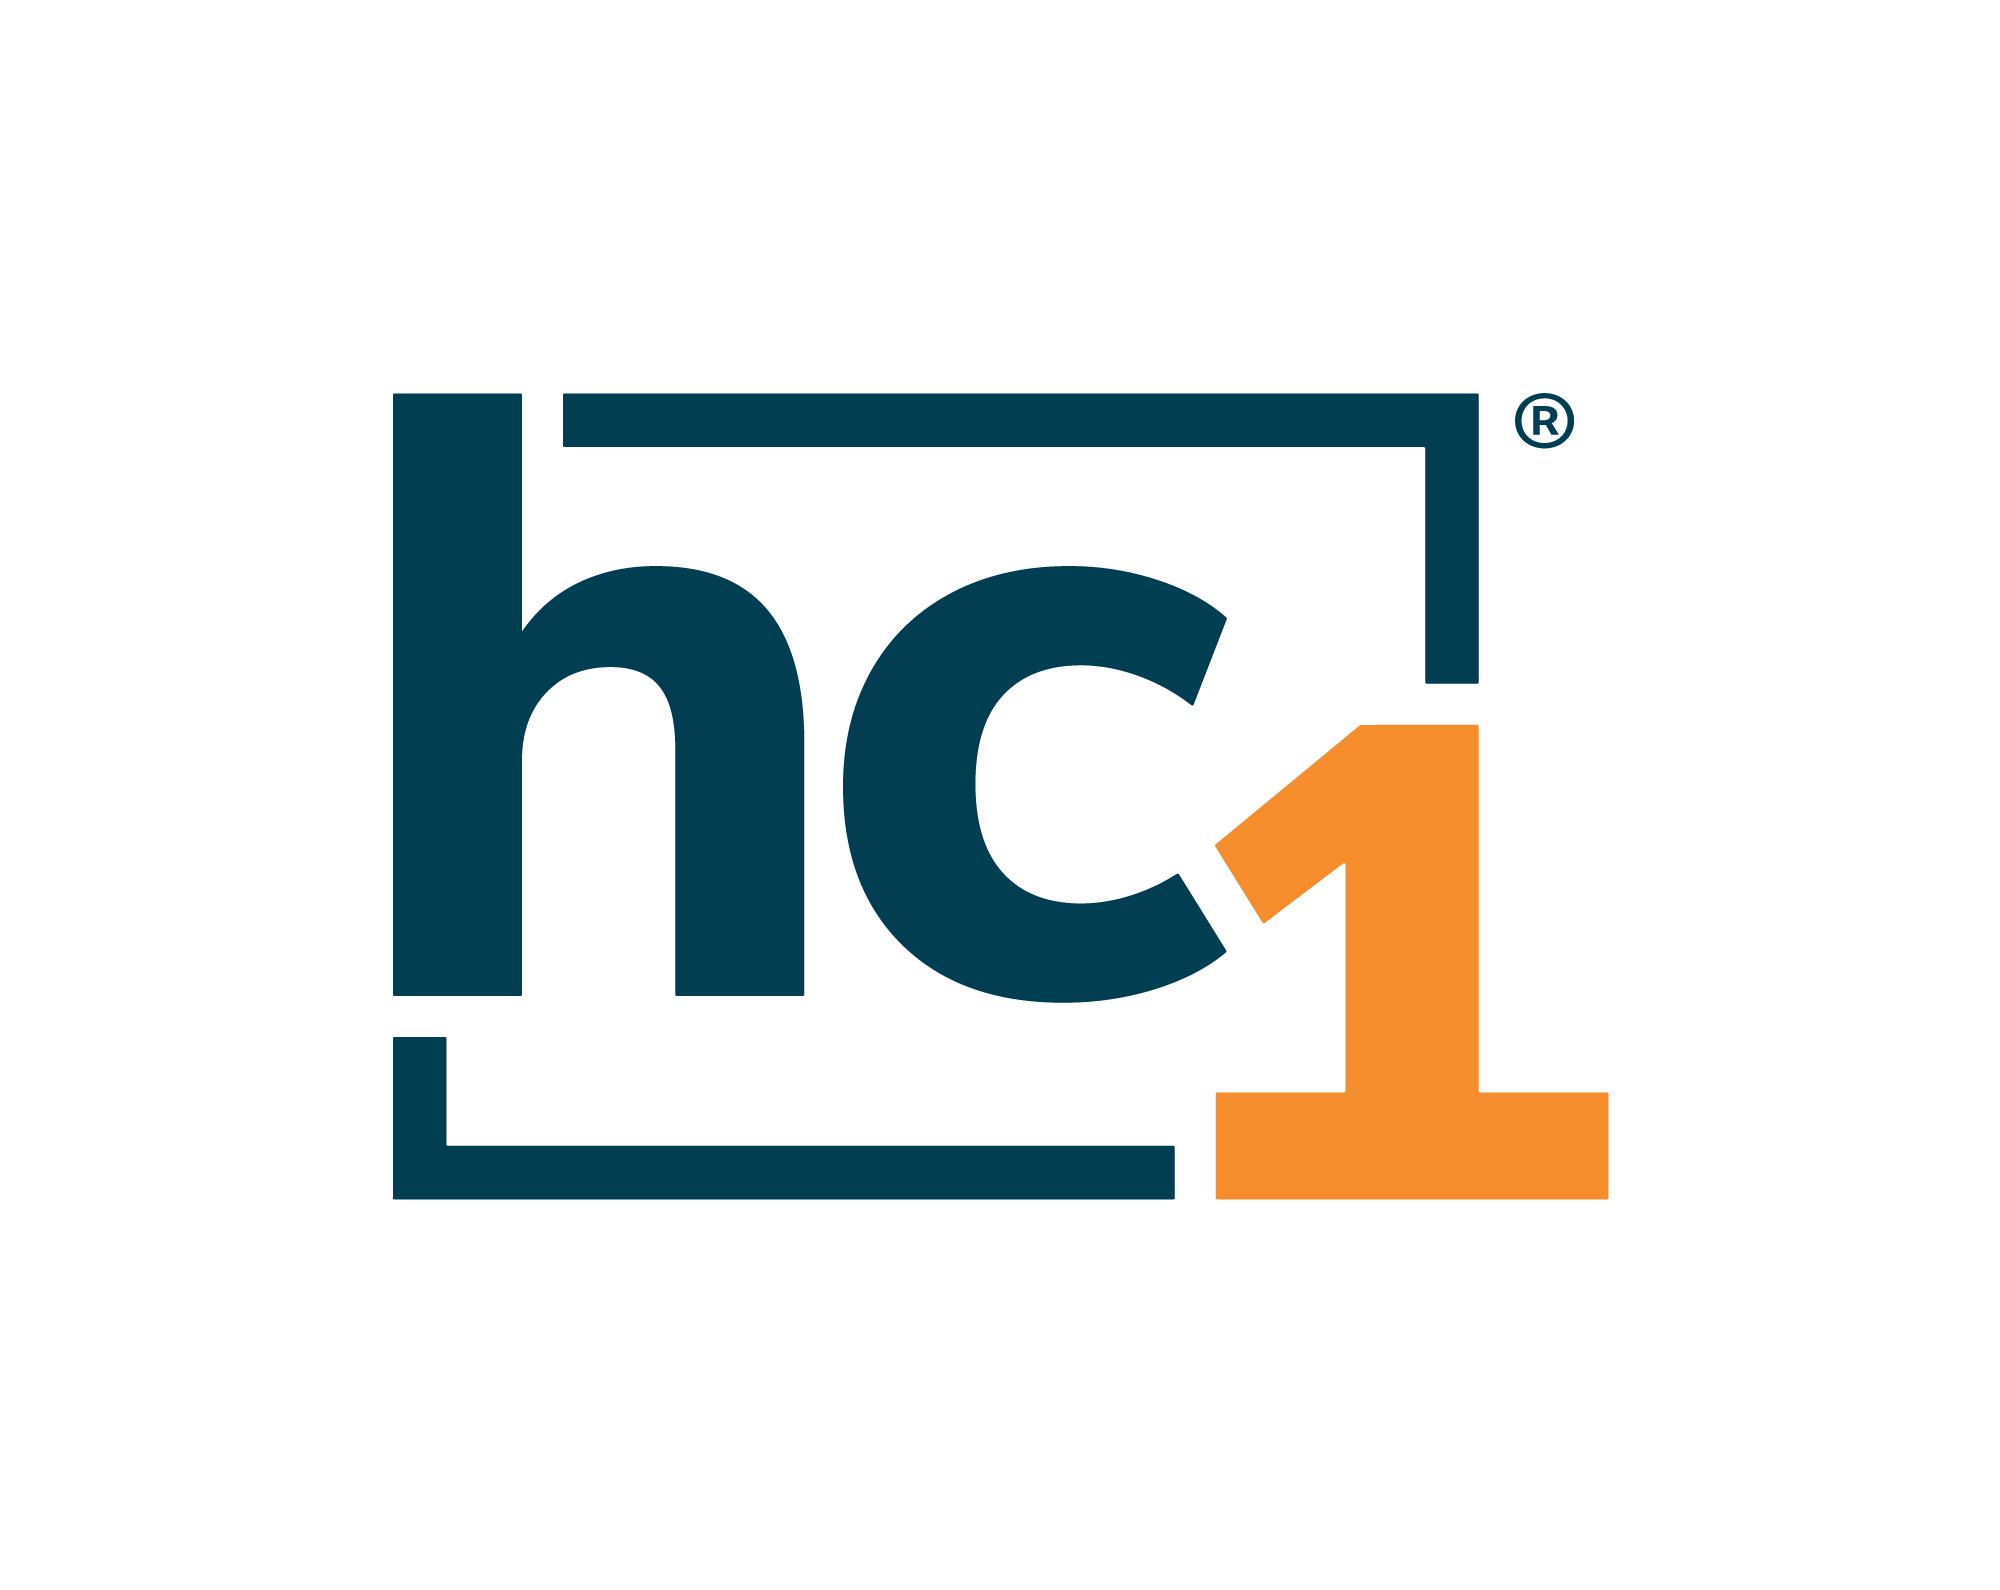 hc1.com